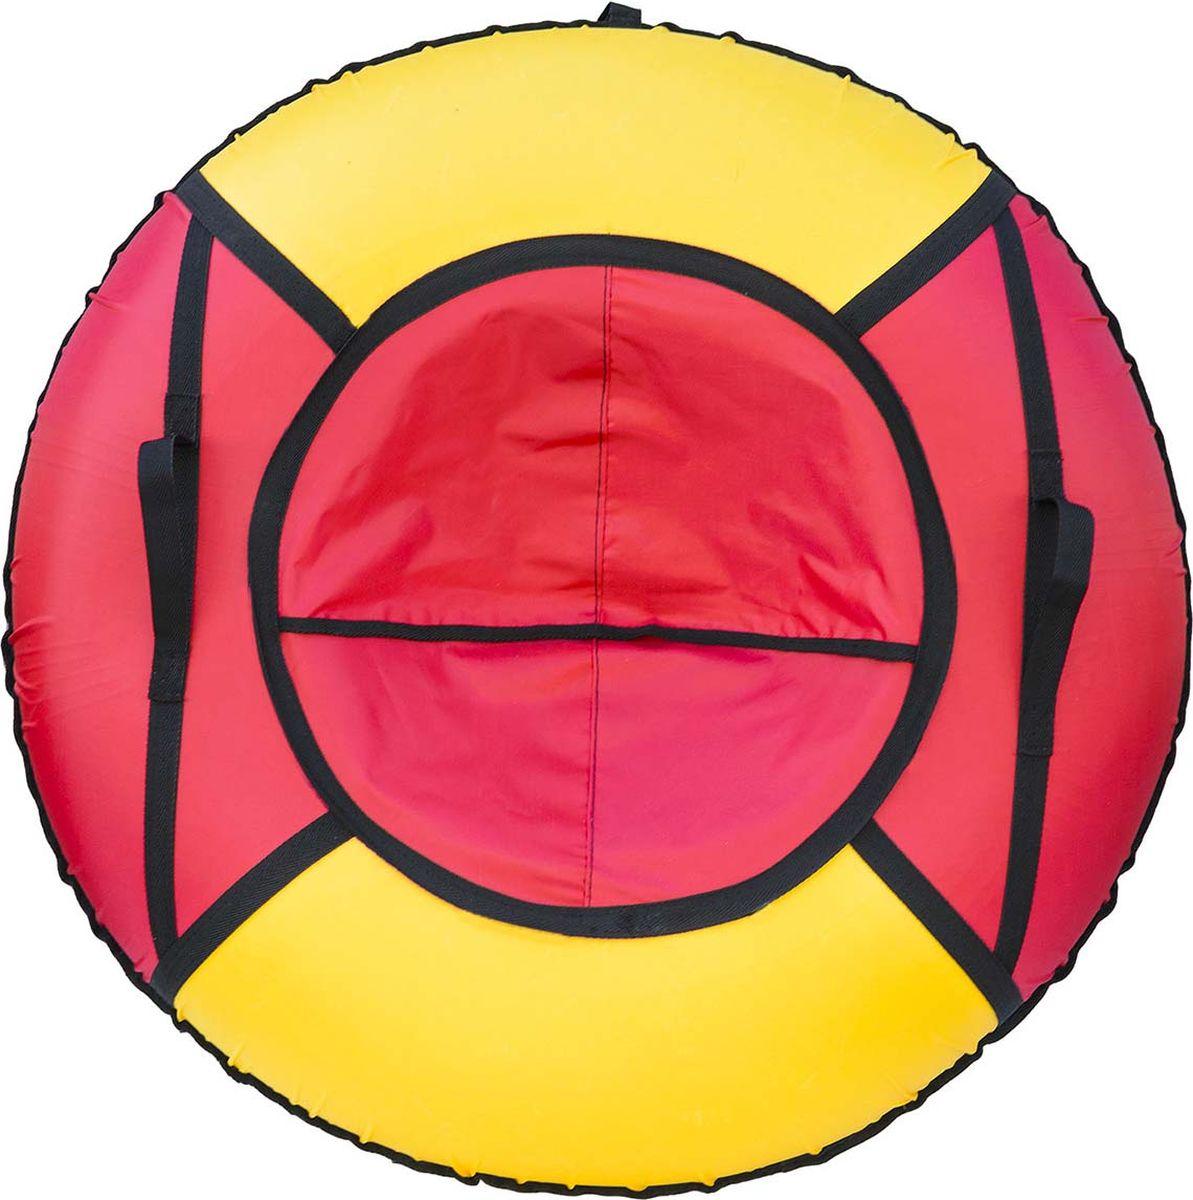 Тюбинг Эх, Прокачу! Эконом-4, цвет: красный, желтый, диаметр 70 смСЭ70-4-1Любимая детская зимняя забава - это кататься с горки. А катание на тюбинге Эх, Прокачу! Эконом-4 надолго запомнится вам и вашим близким. Свежий воздух, веселая компания, веселые развлечения - эти моменты вы будете вспоминать еще долгое время. Специальные материалы и уникальная конструкция днища превосходно скользят, даже если снега совсем немного. Высокая прочность позволит весело проводить время детям и взрослым, не заботясь о поломках. Модель очень вместительная, возможность соскальзывания практически исключена.Особенности: Материал дна - ткань ПВХ, плотность 630 г/м2.Материал верха - ткань Oxford, плотность 420 г/м2. Диаметр в надутом виде - 70 см.Морозоустойчивость - до -45 градусов.Камера российского производства, буксировочный ремень. Тюбинг не предназначен для буксировки механическими или транспортными средствами (подъемники, канатные дороги, лебедки, автомобиль, снегоход, квадроцикл и т.д.).Допускается деформация формы санок из-за неравномерности надувания камеры.